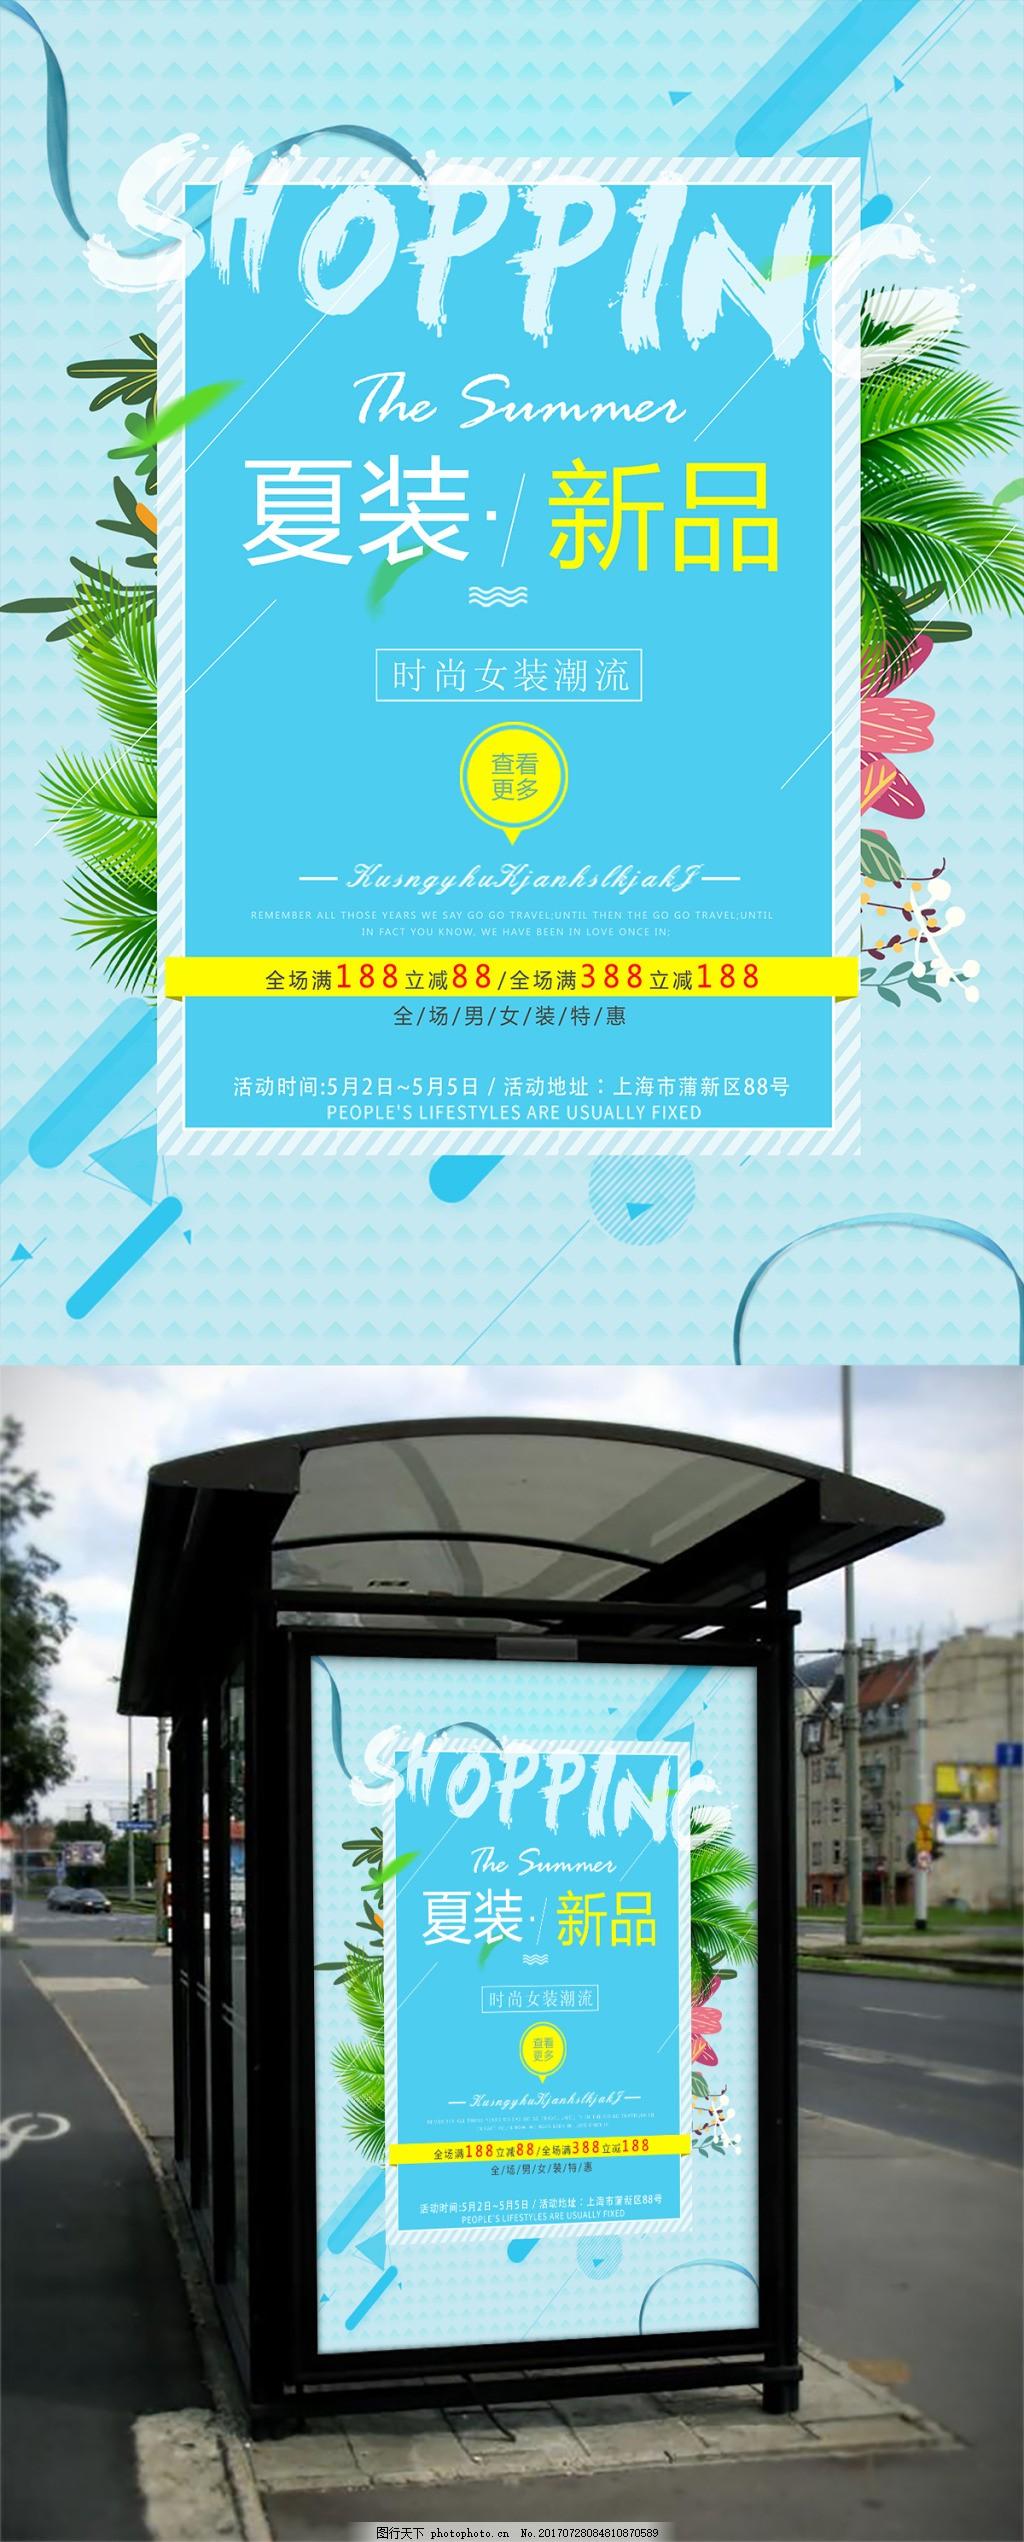 绿叶蓝色简约夏季促销海报 初夏 夏装 新品 新装上市 新品上市